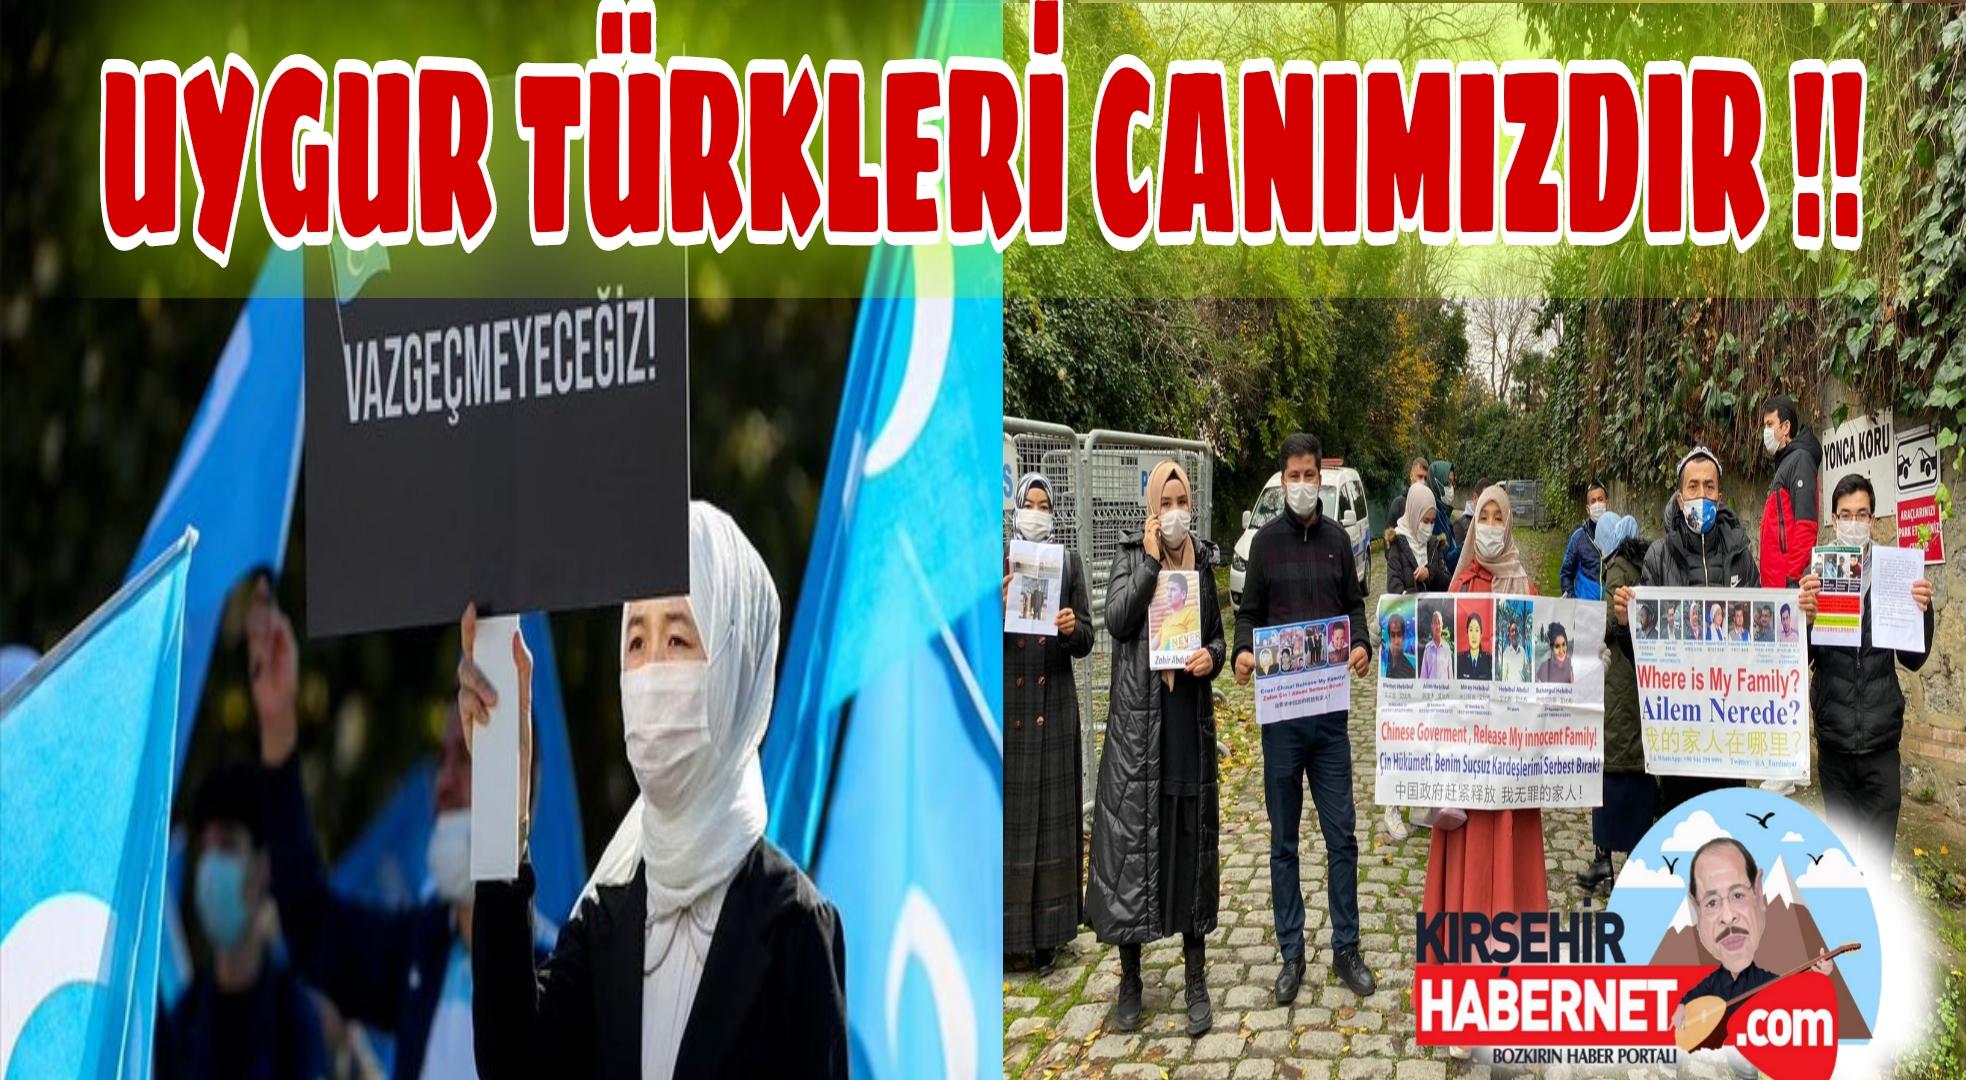 BAŞKAN ERDOĞAN TALİMAT VERDİ !!